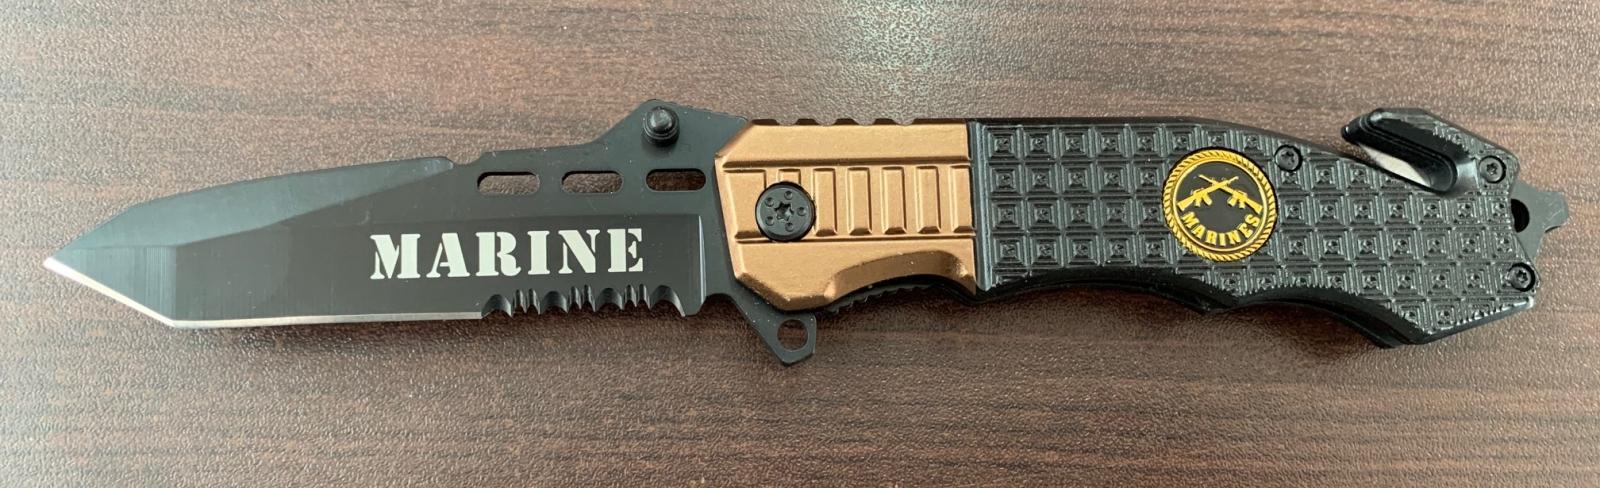 Складной армейский нож Marines со стропорезом и стеклобоем